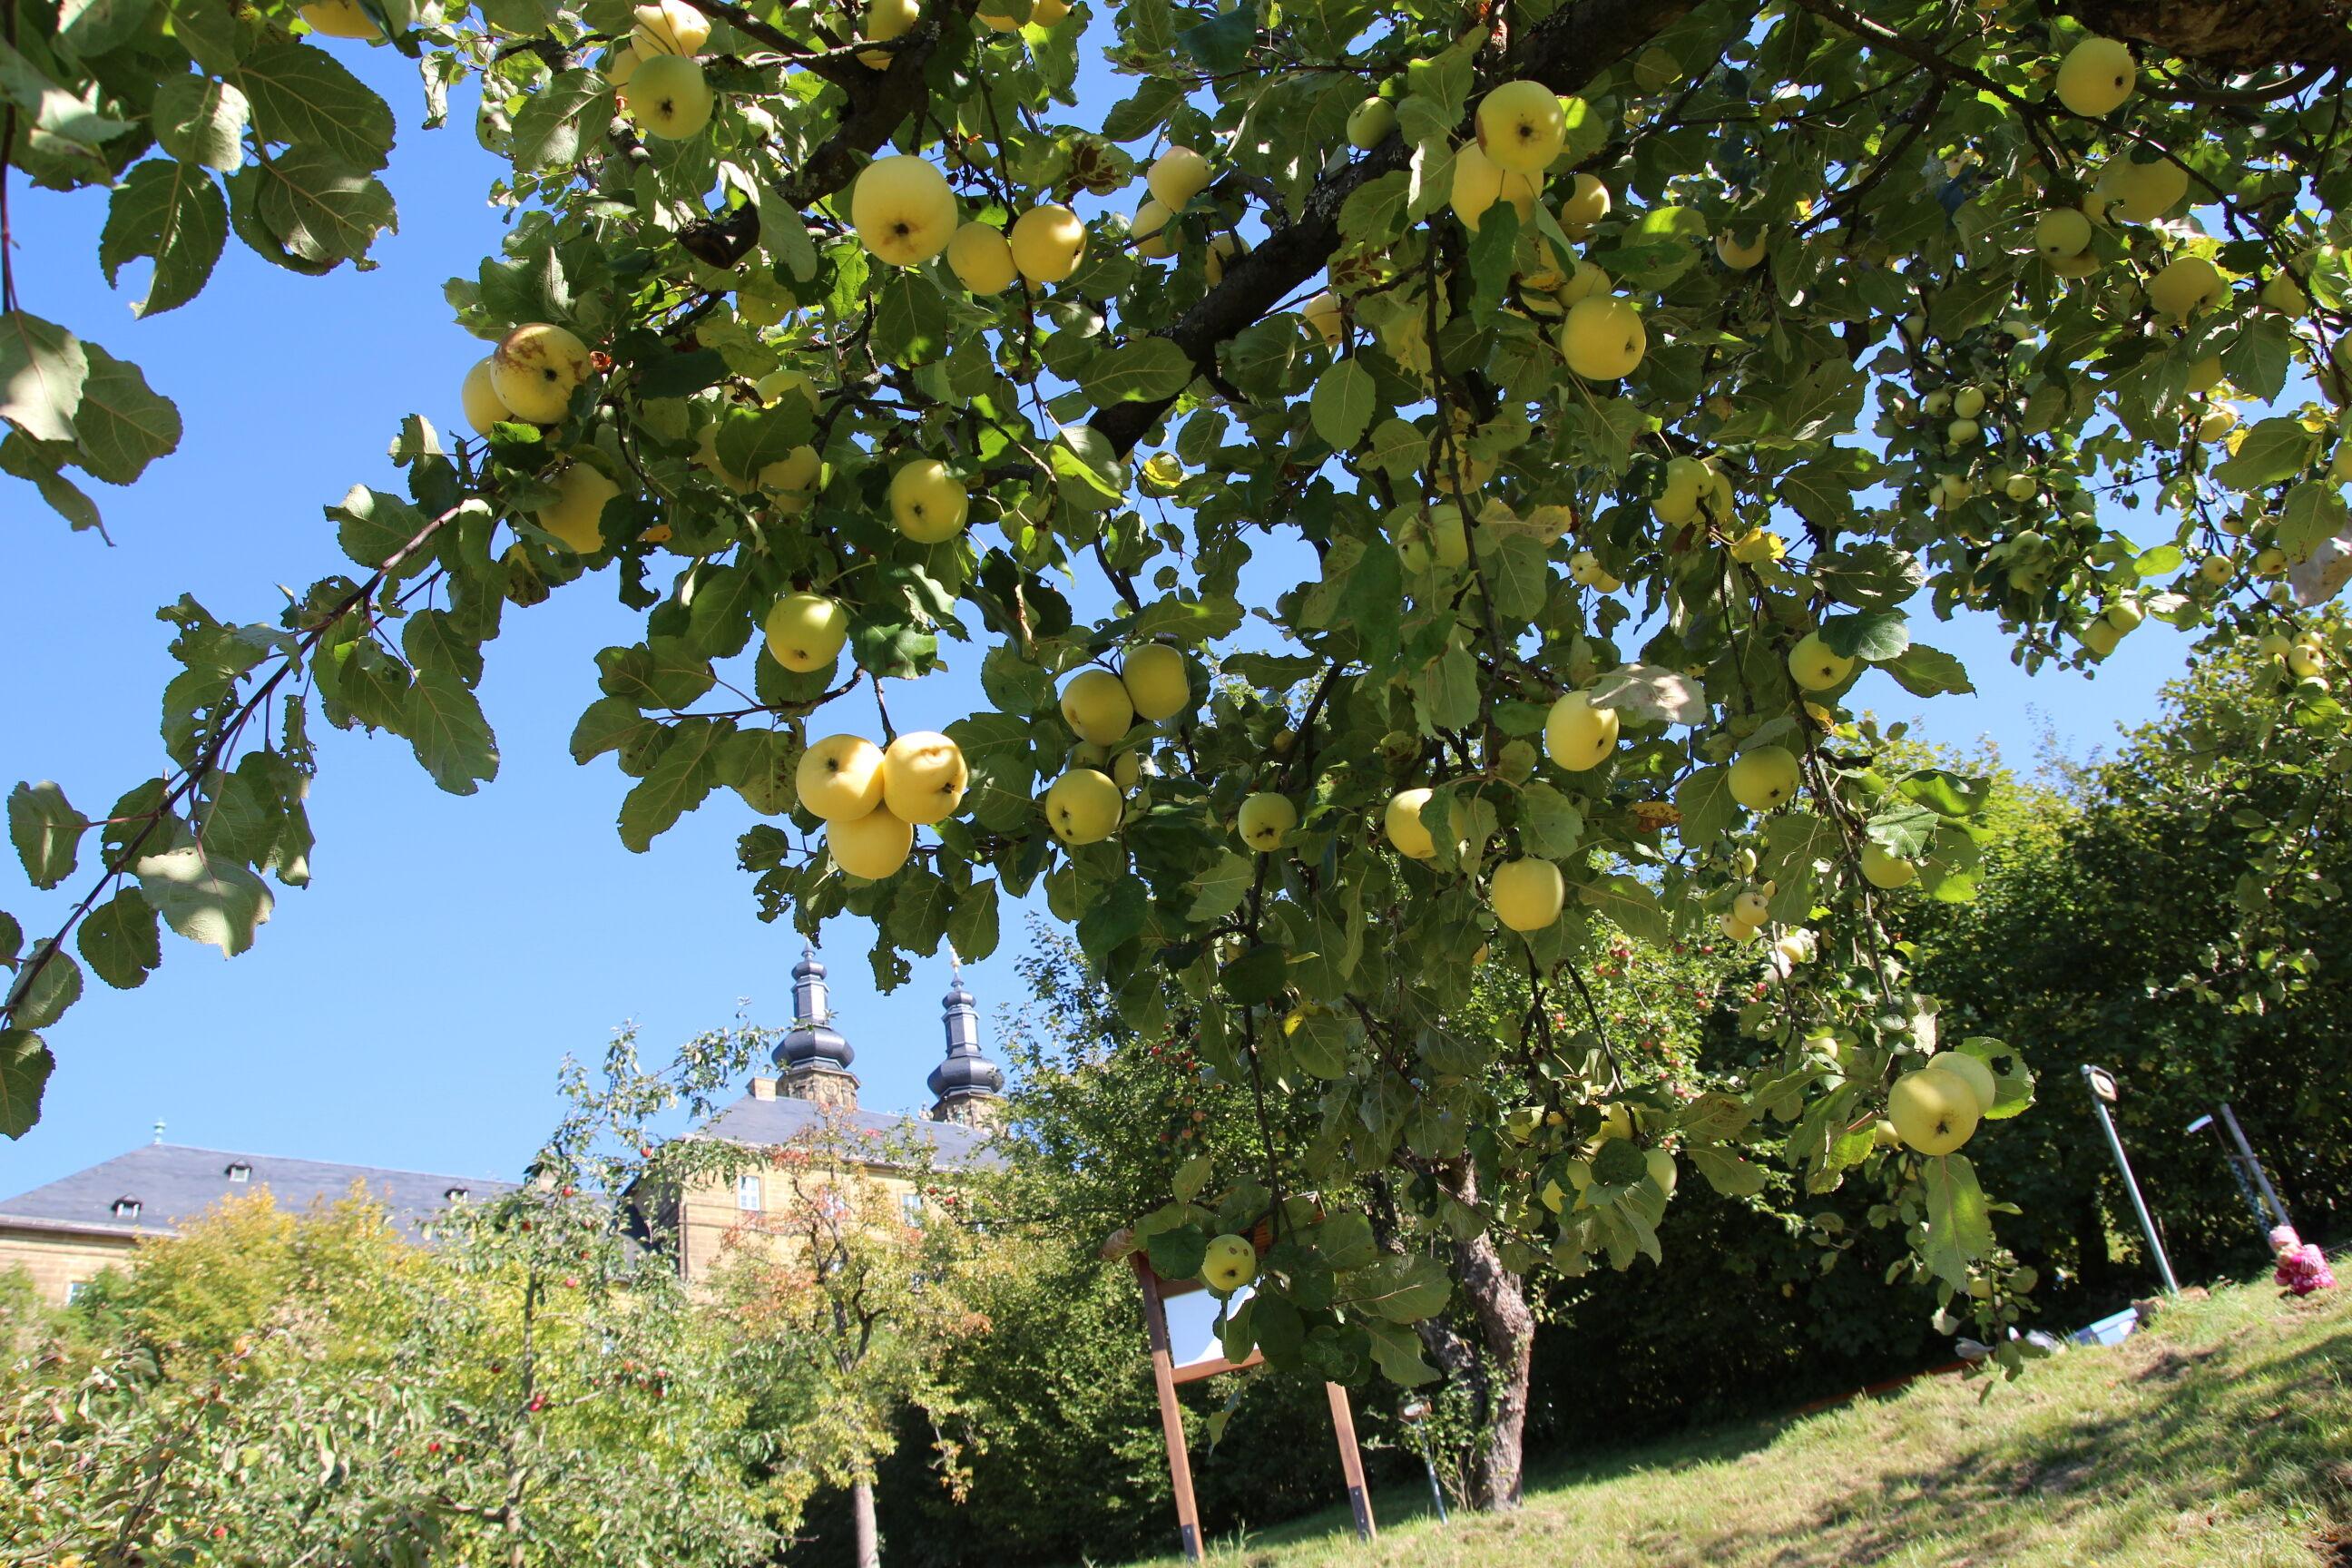 Nach der Expertenführung in Kloster Banz folgt bei der Erlebnistour ein Besuch auf der Streuobstwiese mit einem gemeinsamen Picknick.  Foto: Landratsa